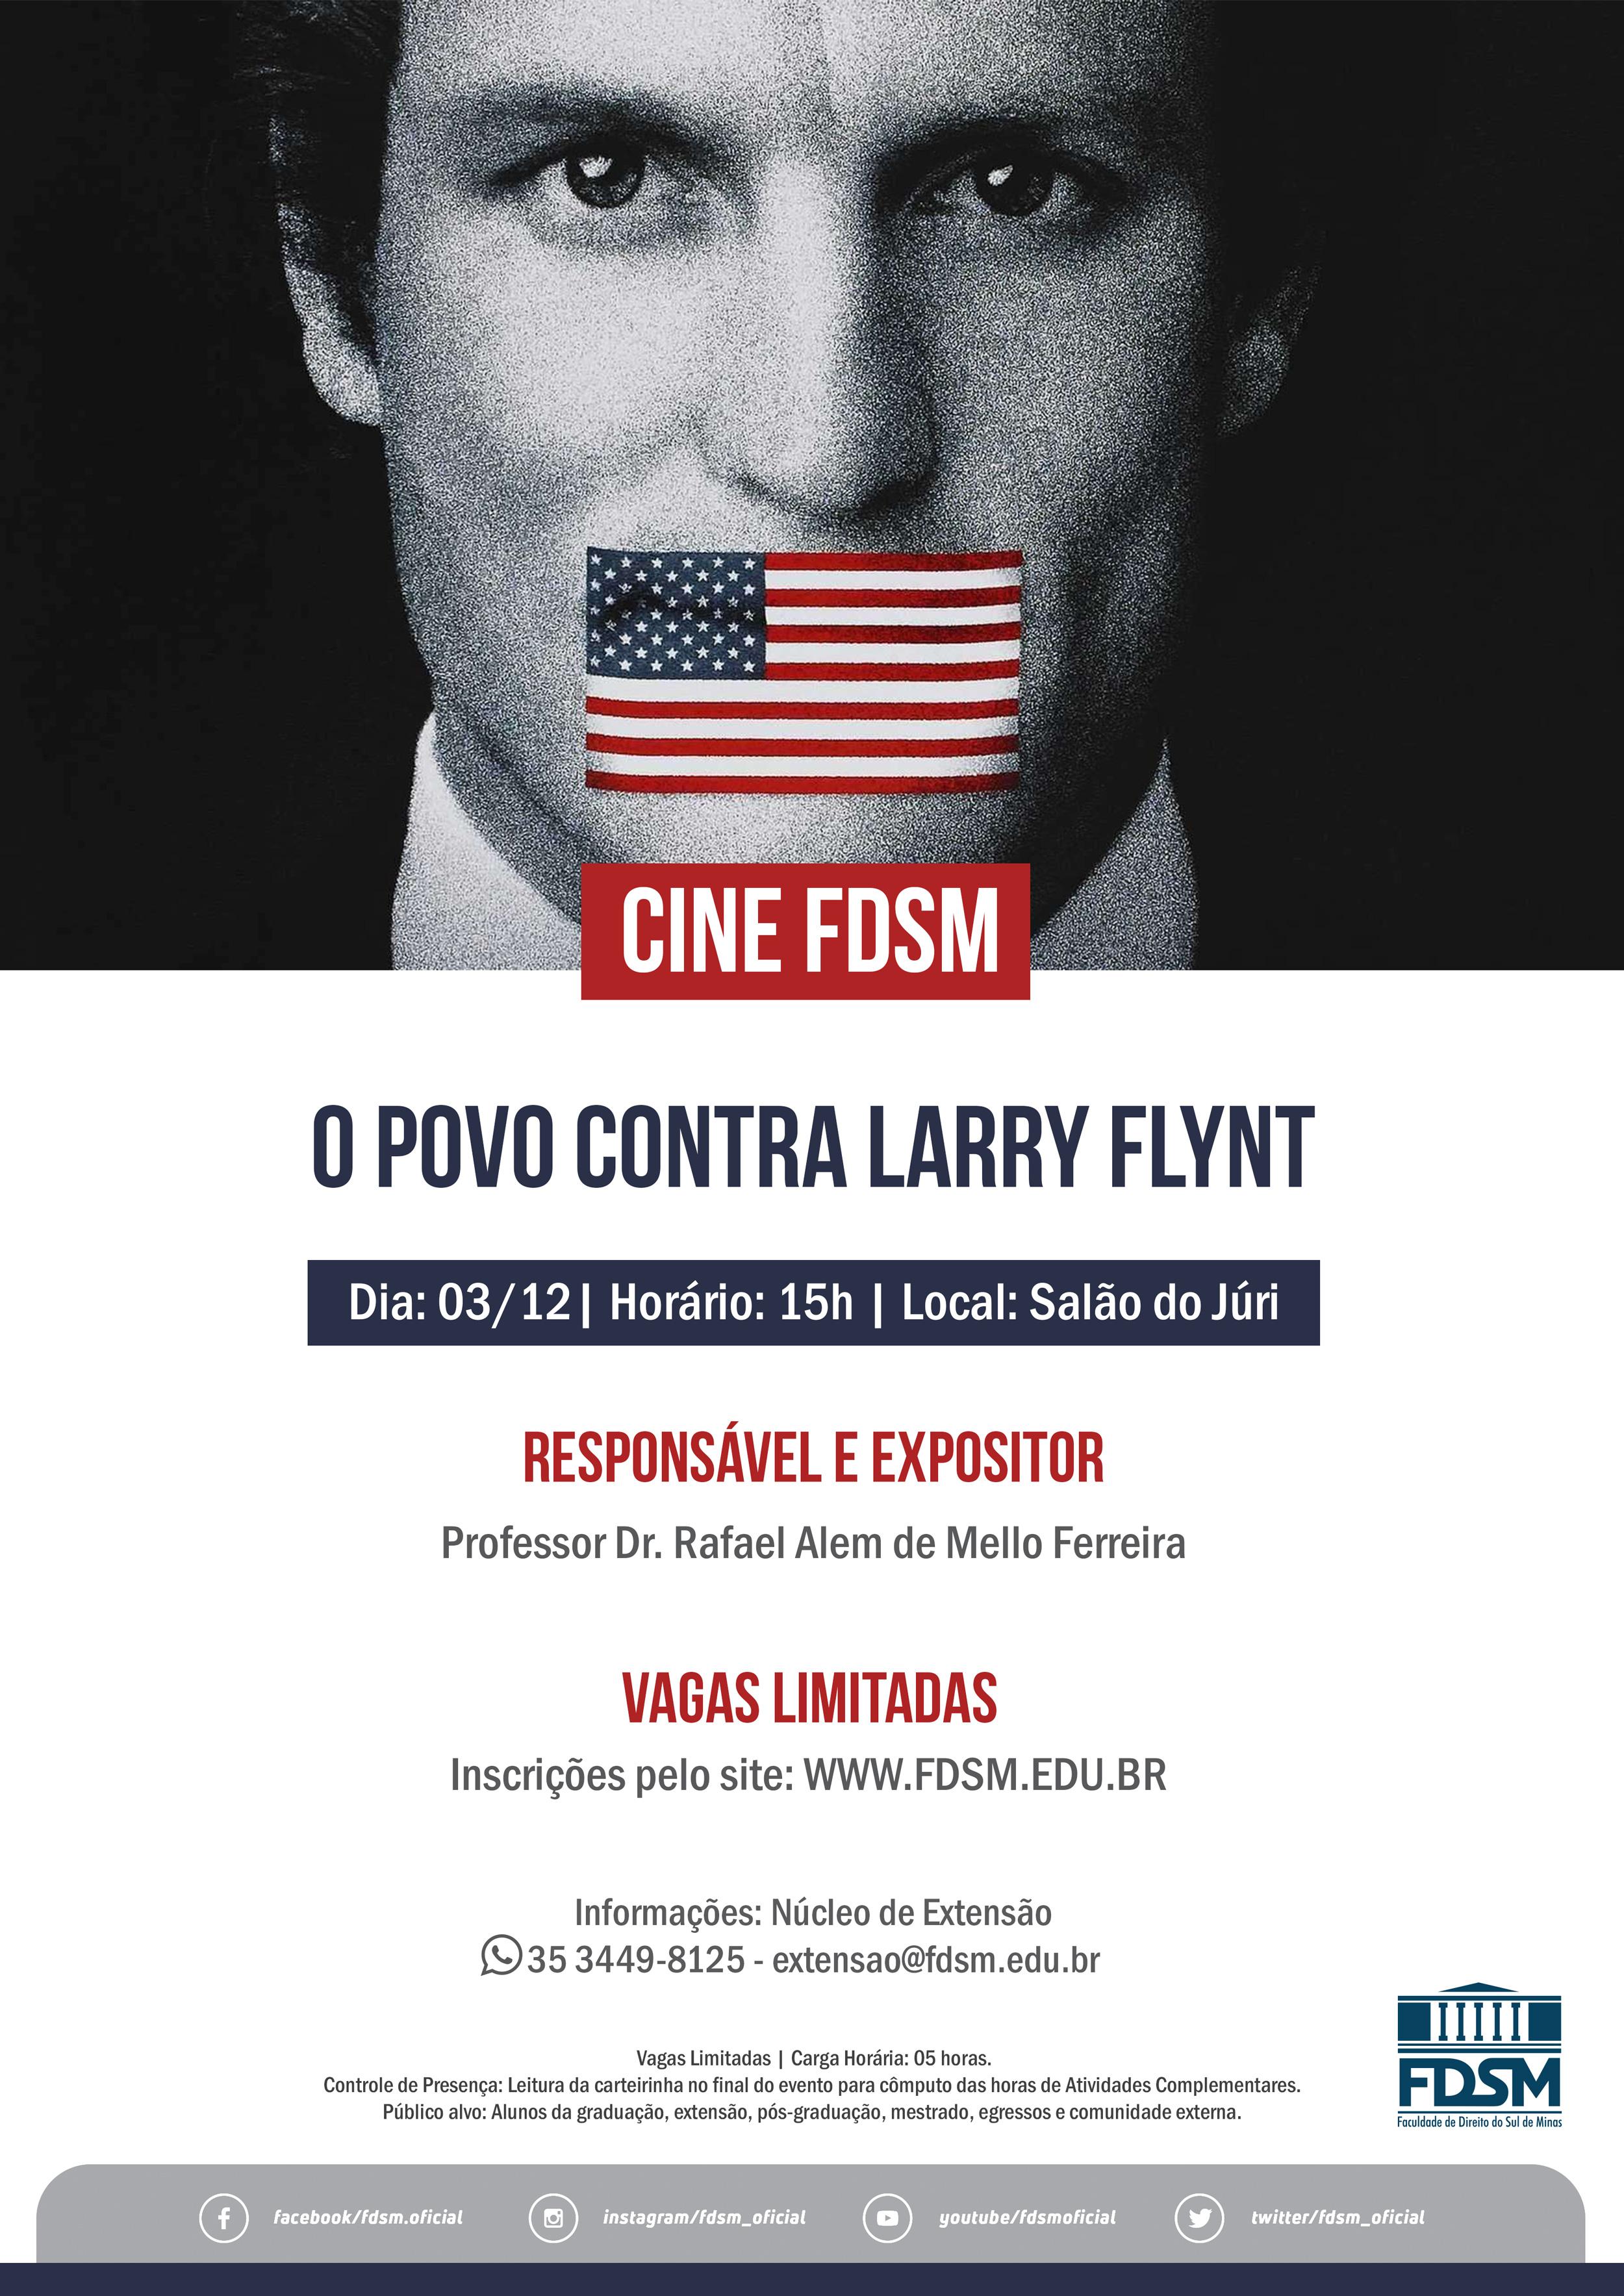 Cine FDSM - O Povo contra Larry Flynt